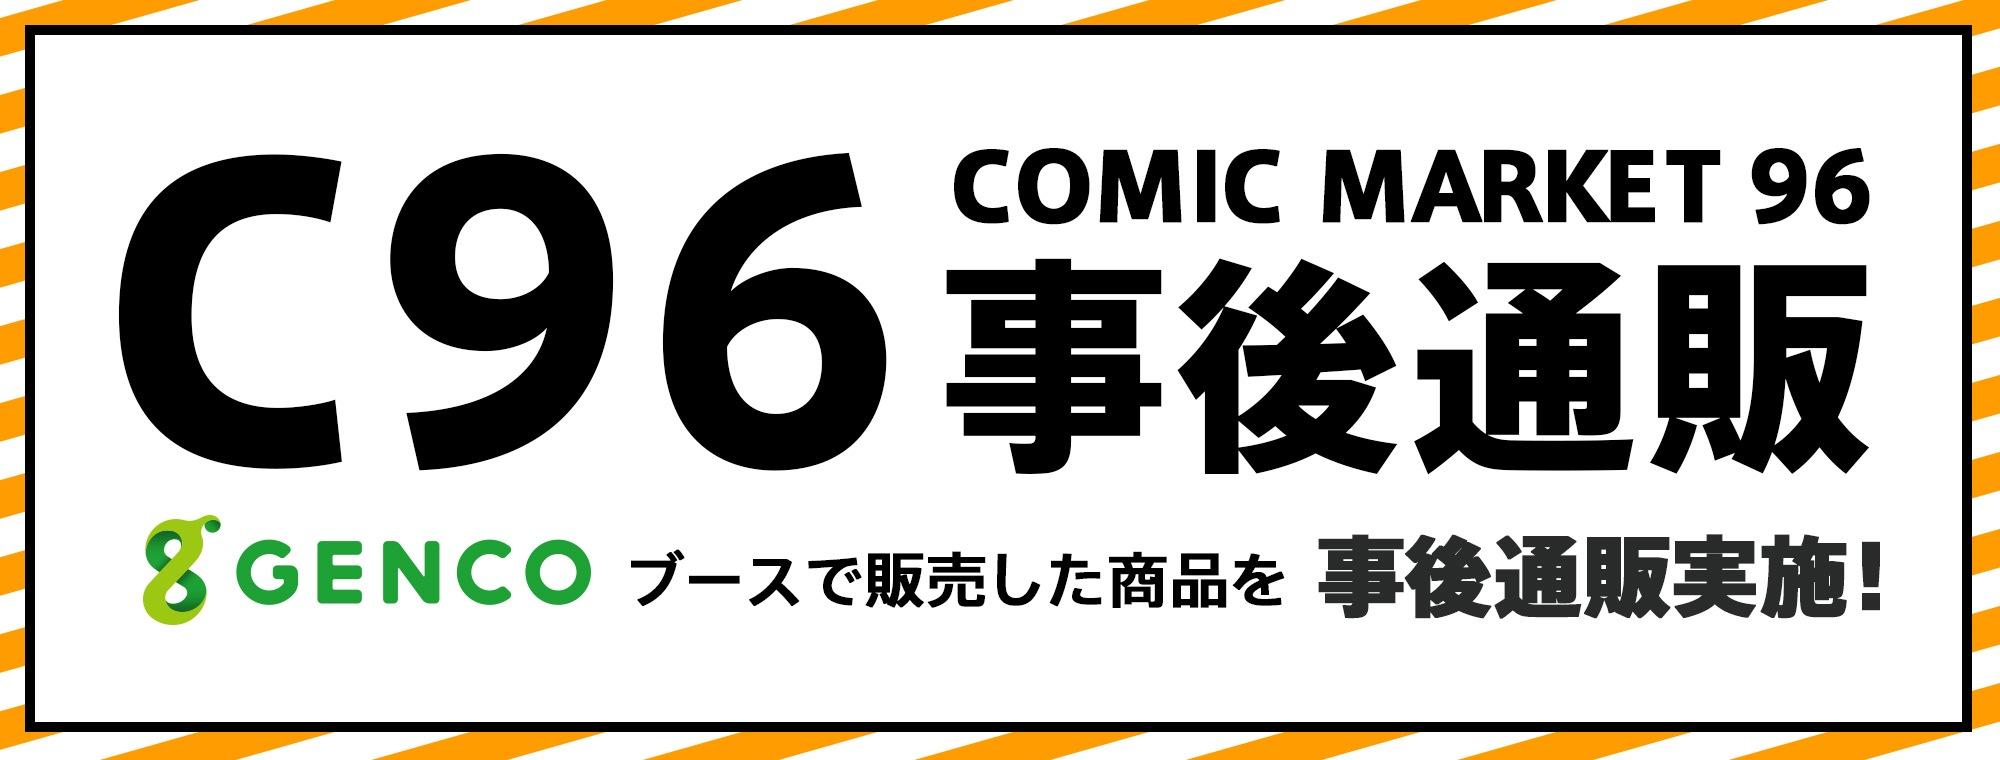 コミックマーケット96 GENCOブース事前通販